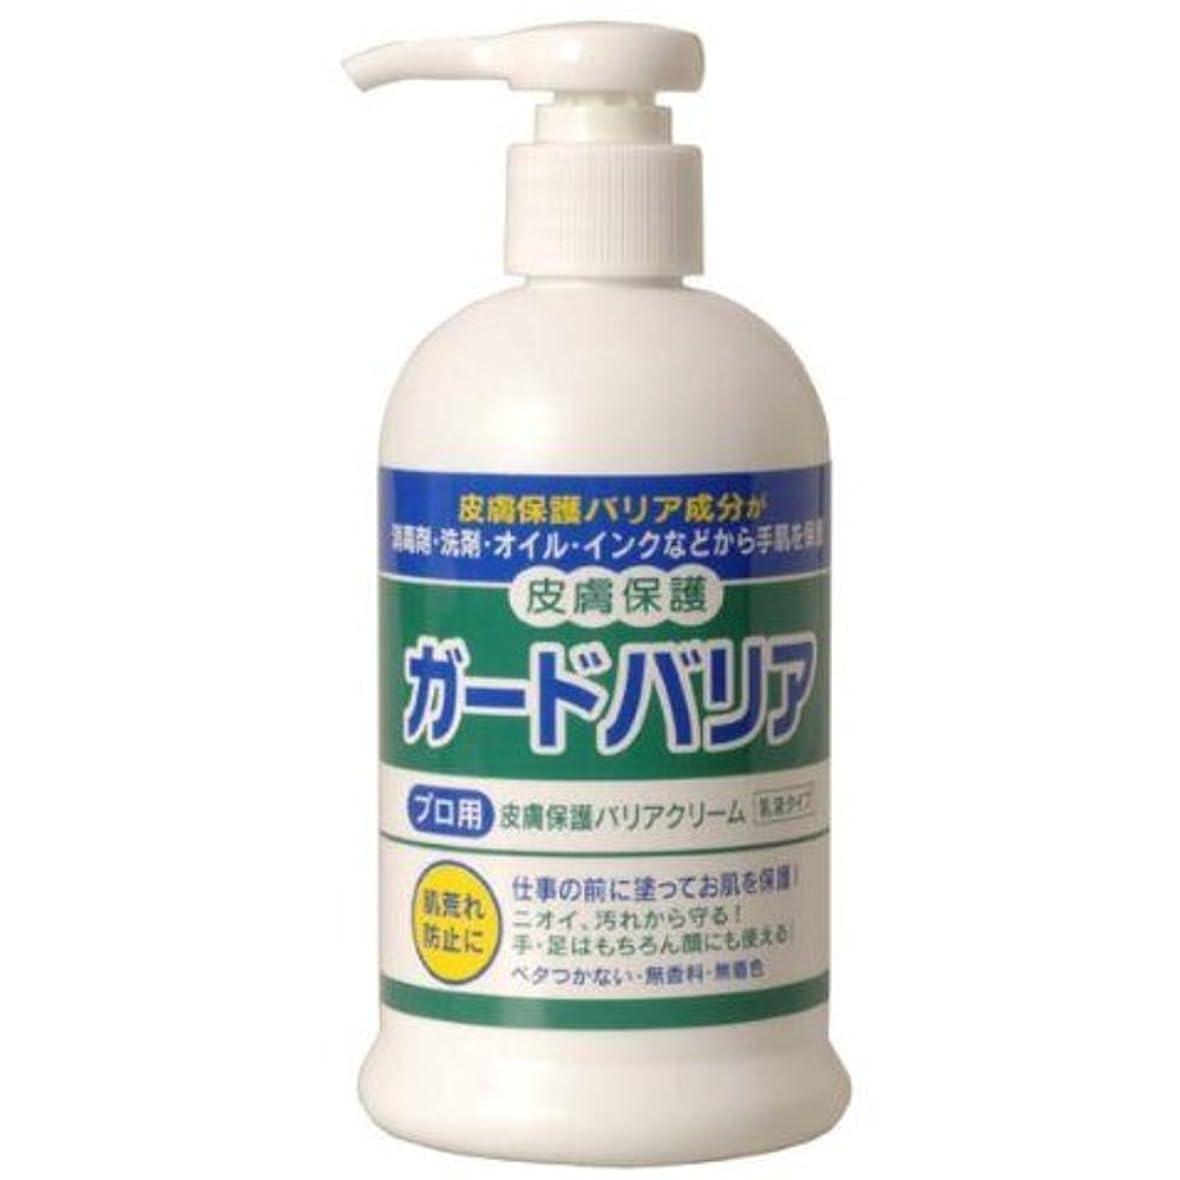 世界的に赤ちゃんカフェガードバリア【皮膚保護バリアクリーム】プロ用